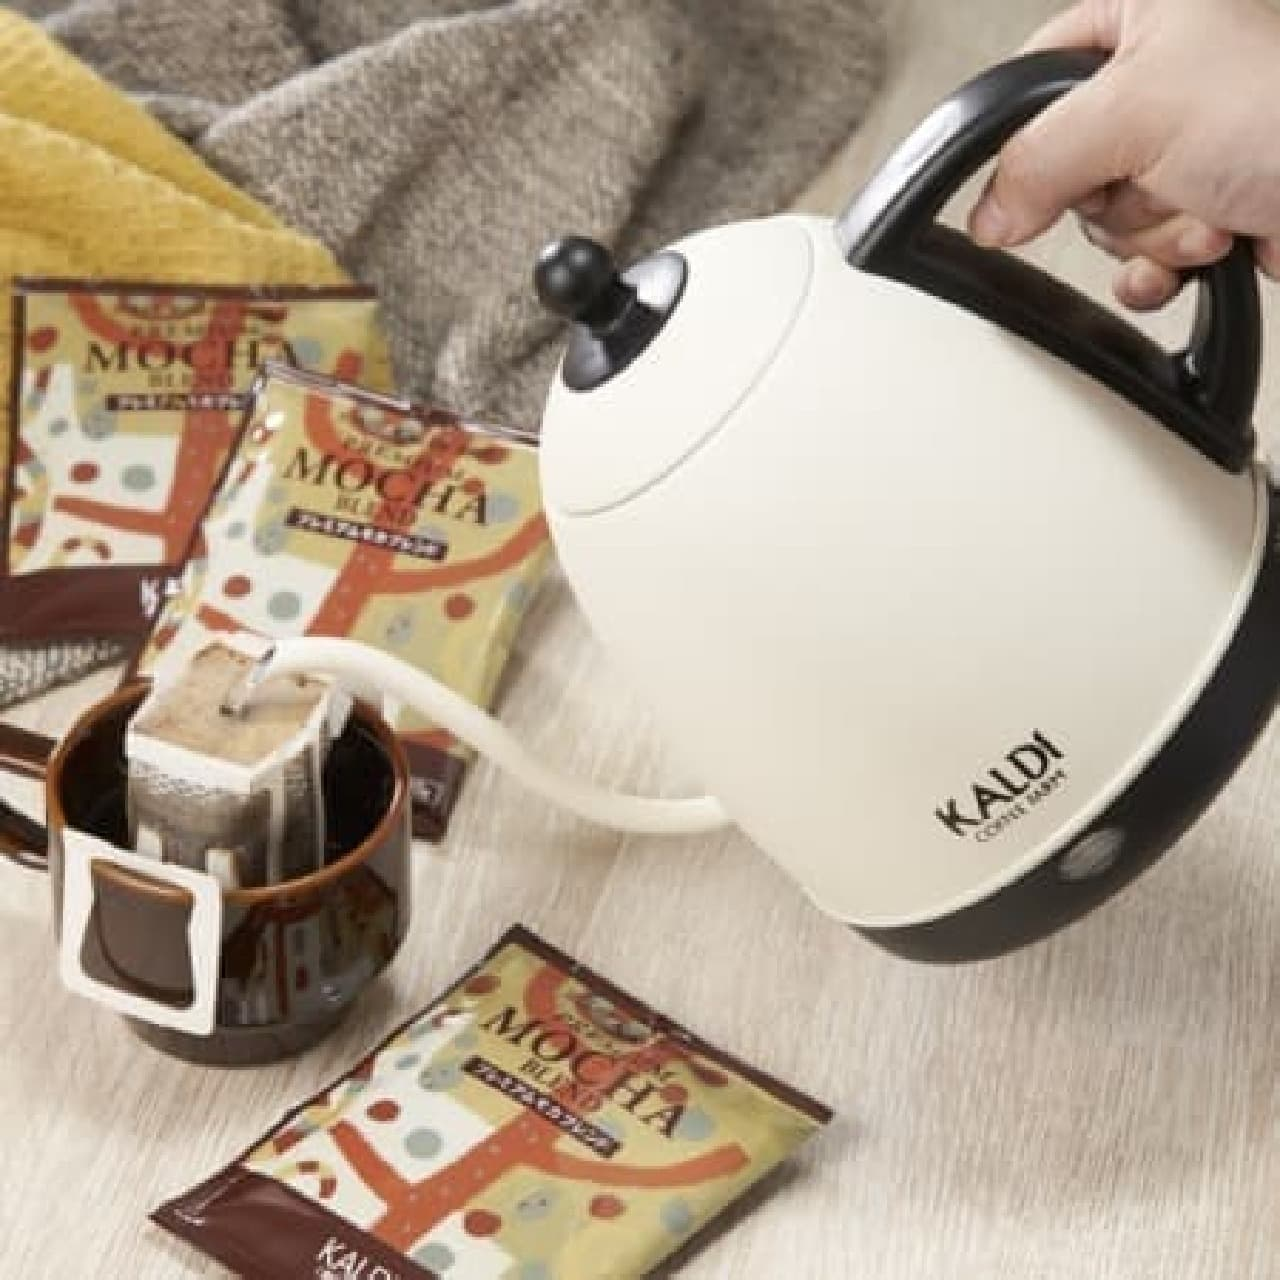 カルディ「電気コーヒーポット&オリジナル ドリップコーヒーセット」